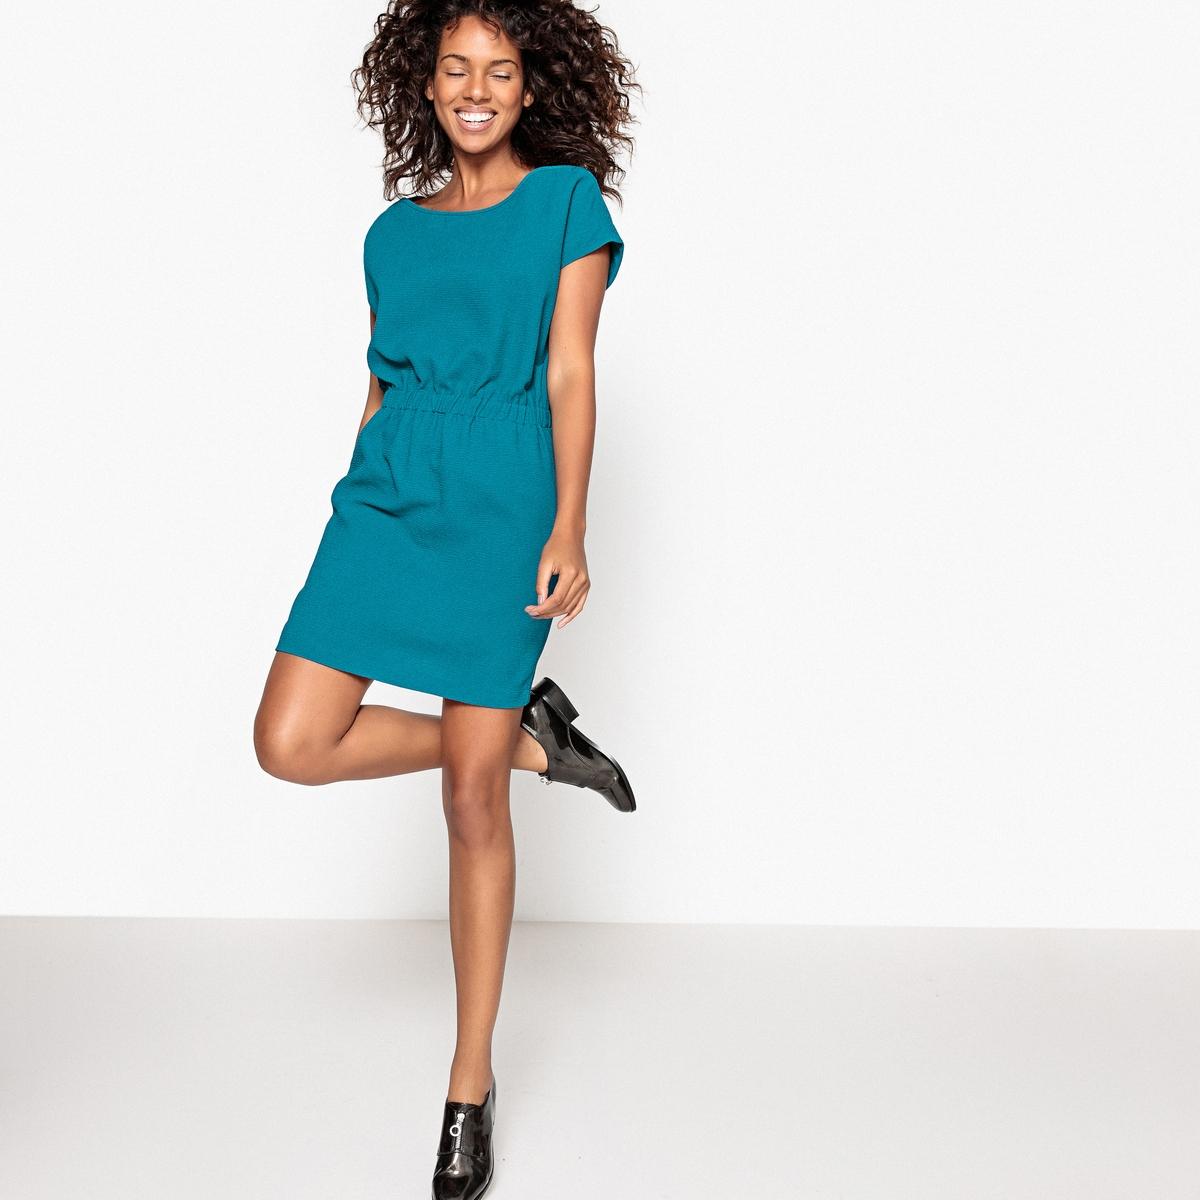 Платье однотонное с эластичным поясомДетали •  Форма : прямая •  Укороченная модель •  Короткие рукава    •  Круглый вырезСостав и уход •  100% полиэстер •  Температура стирки при 30° на деликатном режиме   •  Сухая чистка и отбеливание запрещены •  Не использовать барабанную сушку   •  Низкая температура глажки •  Длина  : 92 см<br><br>Цвет: сине-зеленый,темно-зеленый,черный<br>Размер: 52 (FR) - 58 (RUS).50 (FR) - 56 (RUS).34 (FR) - 40 (RUS).50 (FR) - 56 (RUS).48 (FR) - 54 (RUS).46 (FR) - 52 (RUS).42 (FR) - 48 (RUS).38 (FR) - 44 (RUS).36 (FR) - 42 (RUS).52 (FR) - 58 (RUS).50 (FR) - 56 (RUS).48 (FR) - 54 (RUS).46 (FR) - 52 (RUS).44 (FR) - 50 (RUS).42 (FR) - 48 (RUS).40 (FR) - 46 (RUS).38 (FR) - 44 (RUS).40 (FR) - 46 (RUS).44 (FR) - 50 (RUS).44 (FR) - 50 (RUS)